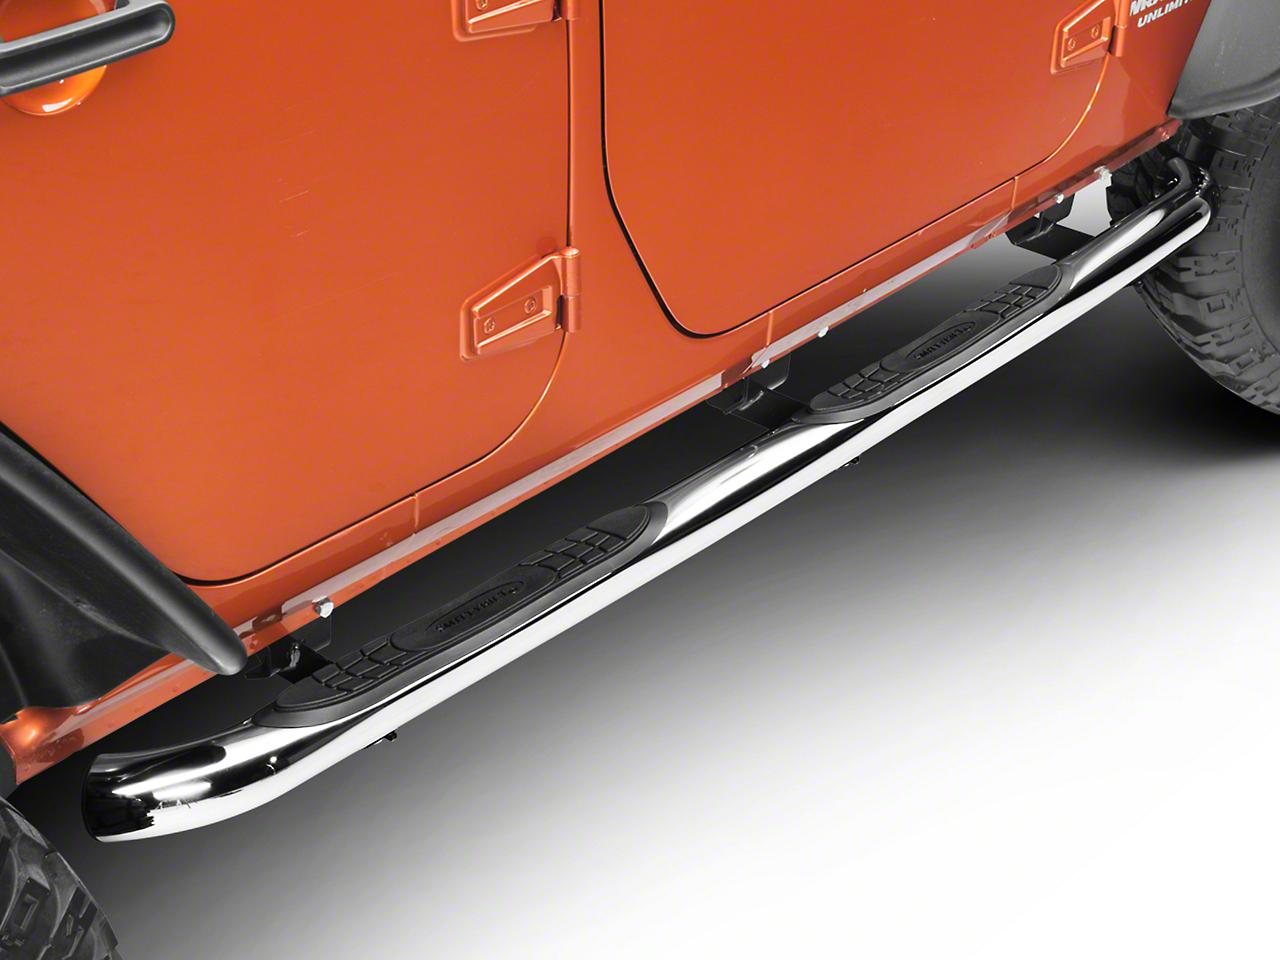 Smittybilt 3 in. Sure Side Step Bars - Stainless Steel (07-18 Wrangler JK 4 Door)